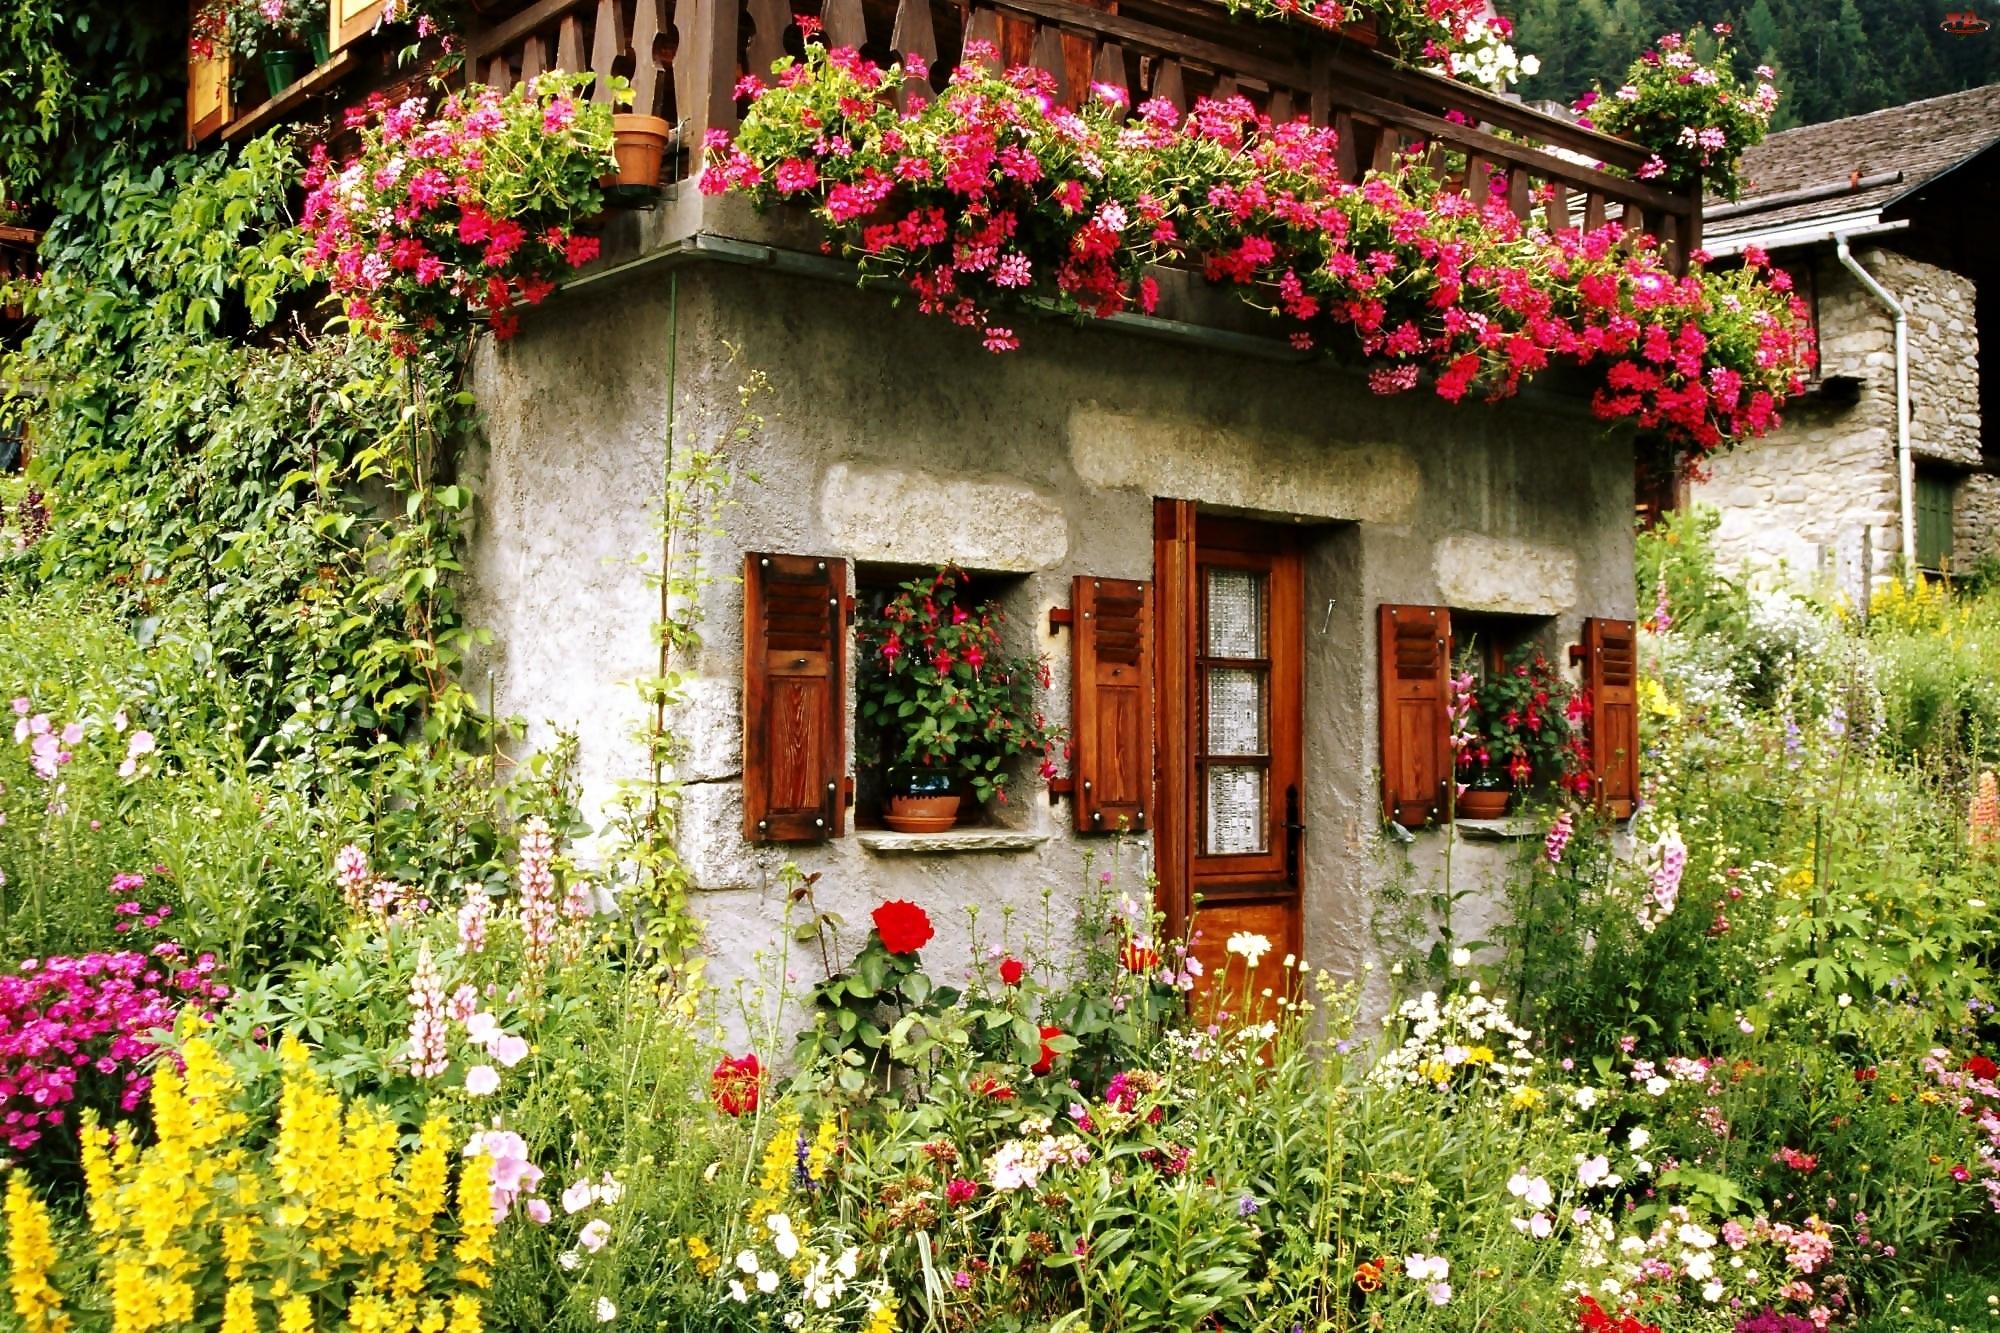 Ogródek, Bluszcz, Kamienne, Pelargonie, Domki, Kwiatowy